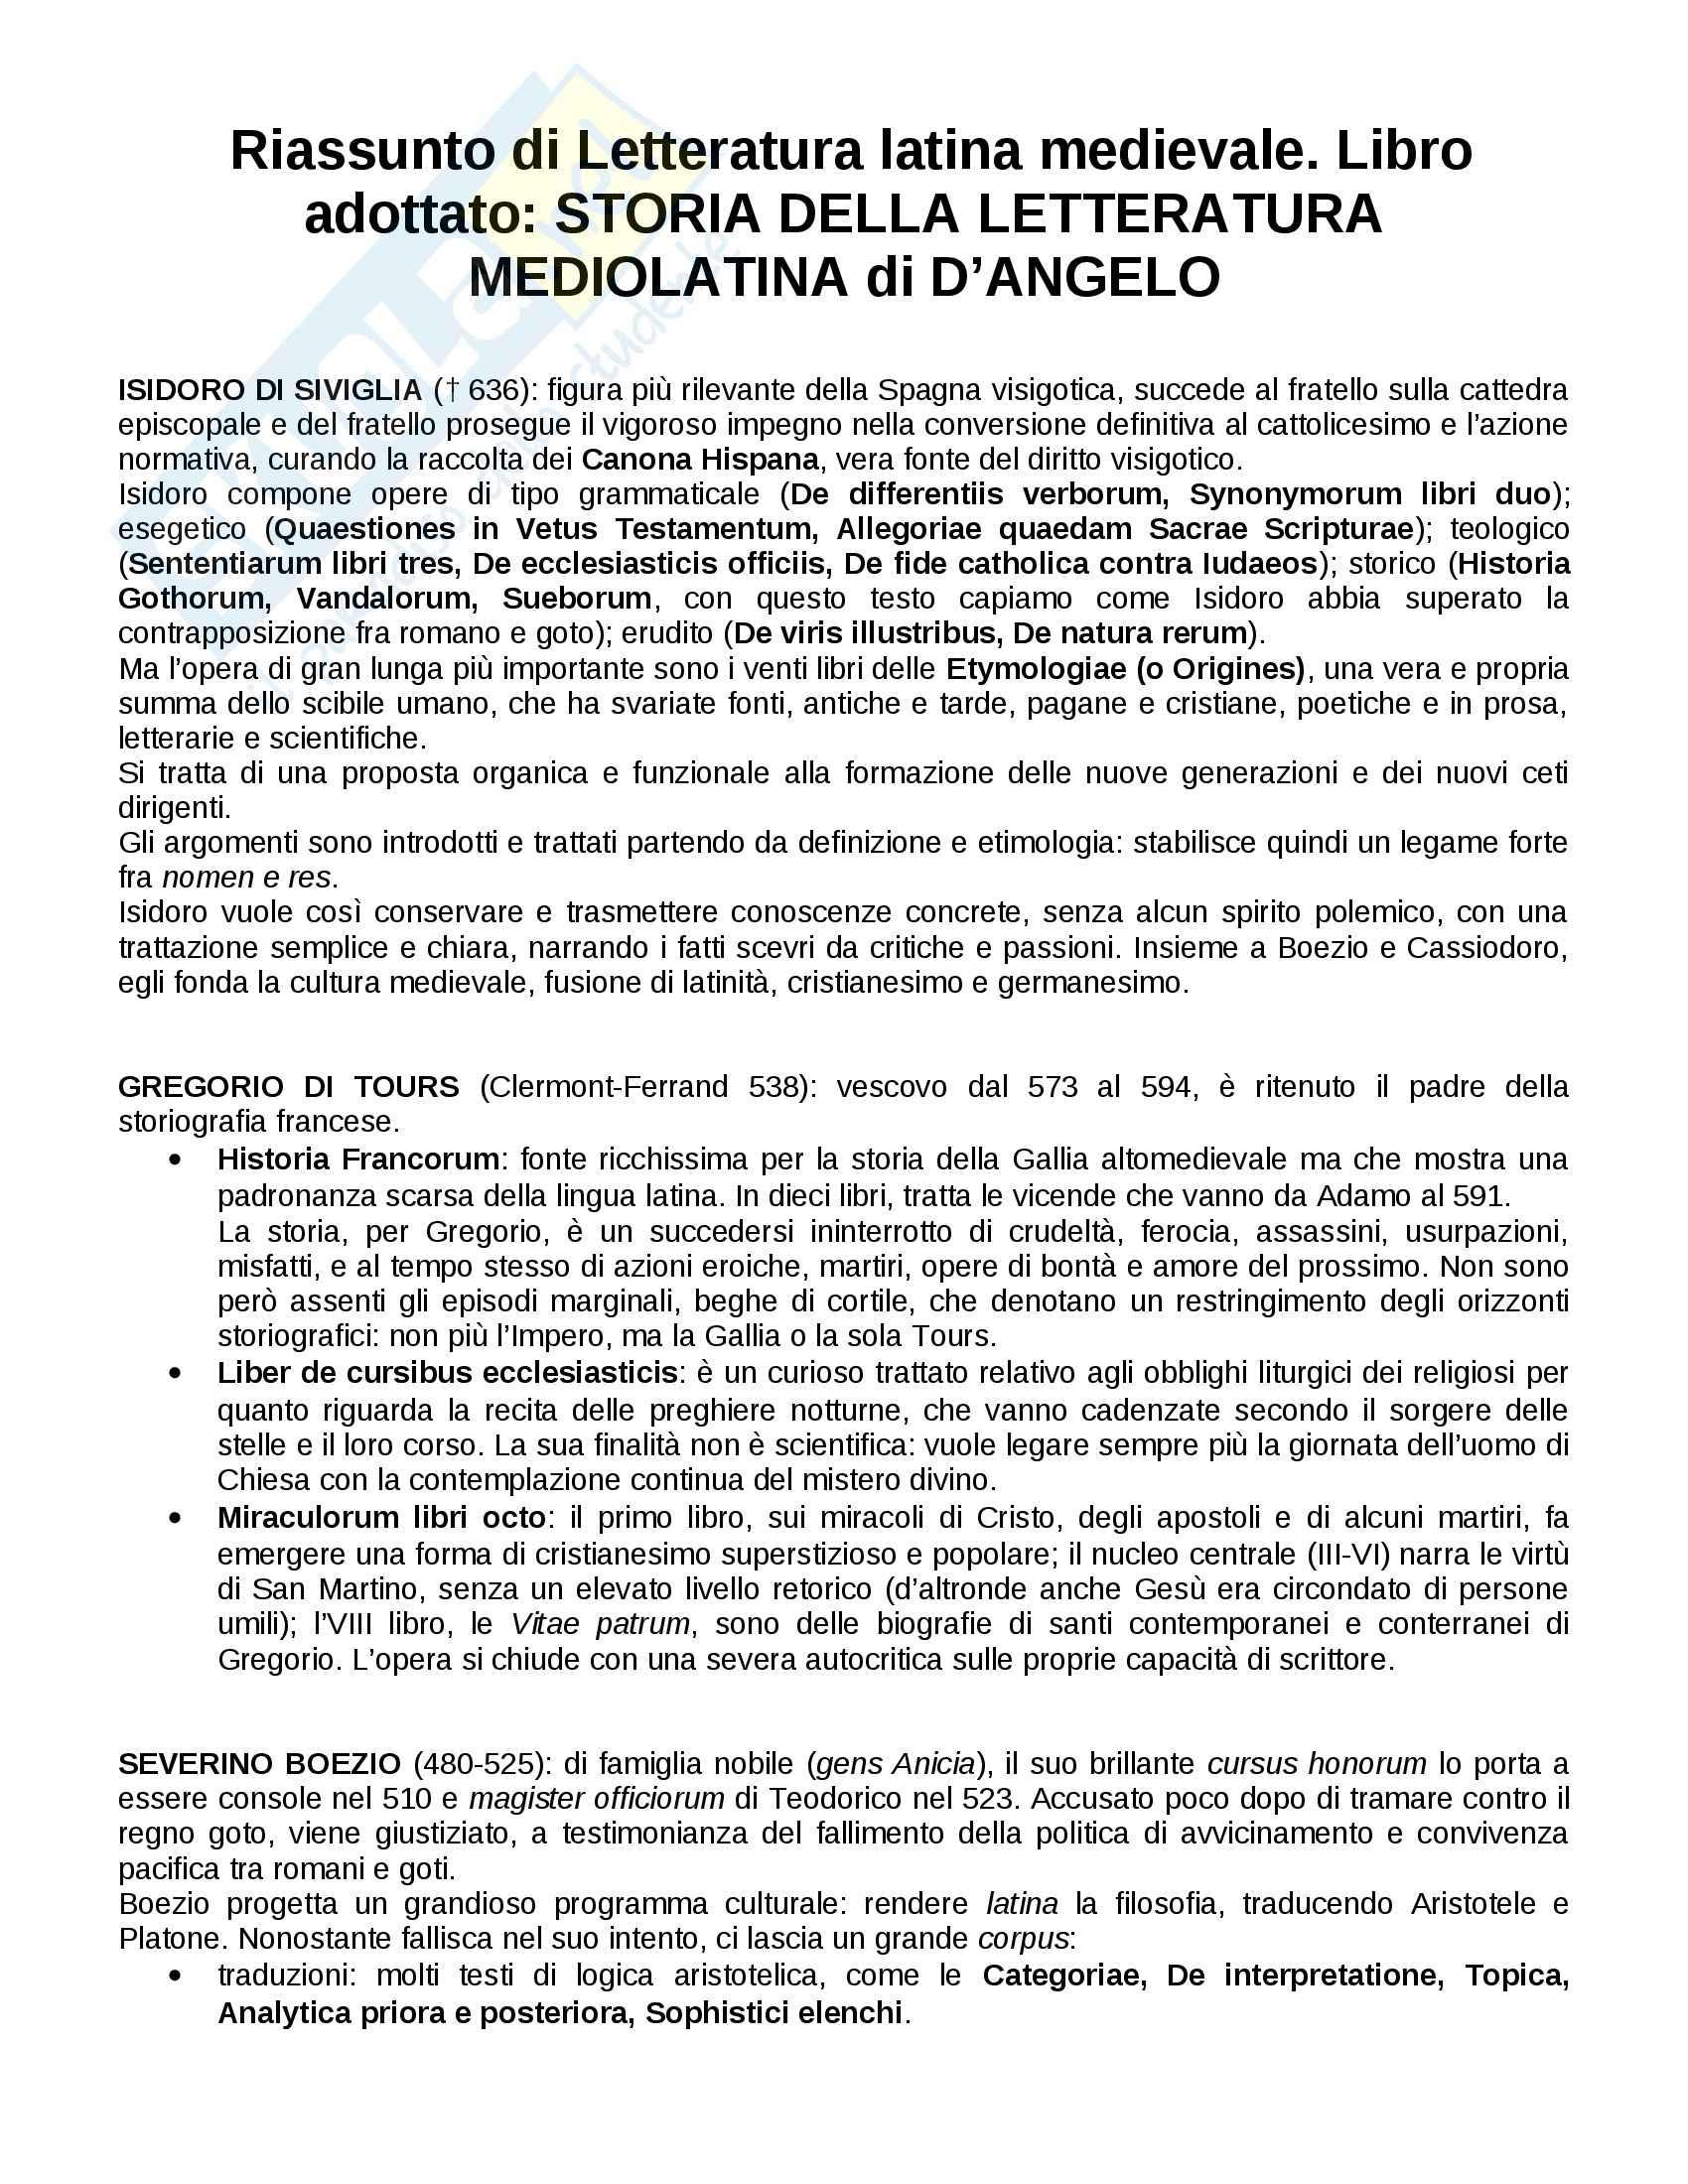 Riassunto esame Letteratura latina medievale, prof. Pittaluga, libro consigliato Storia della Letteratura Mediolatina di D'Angelo